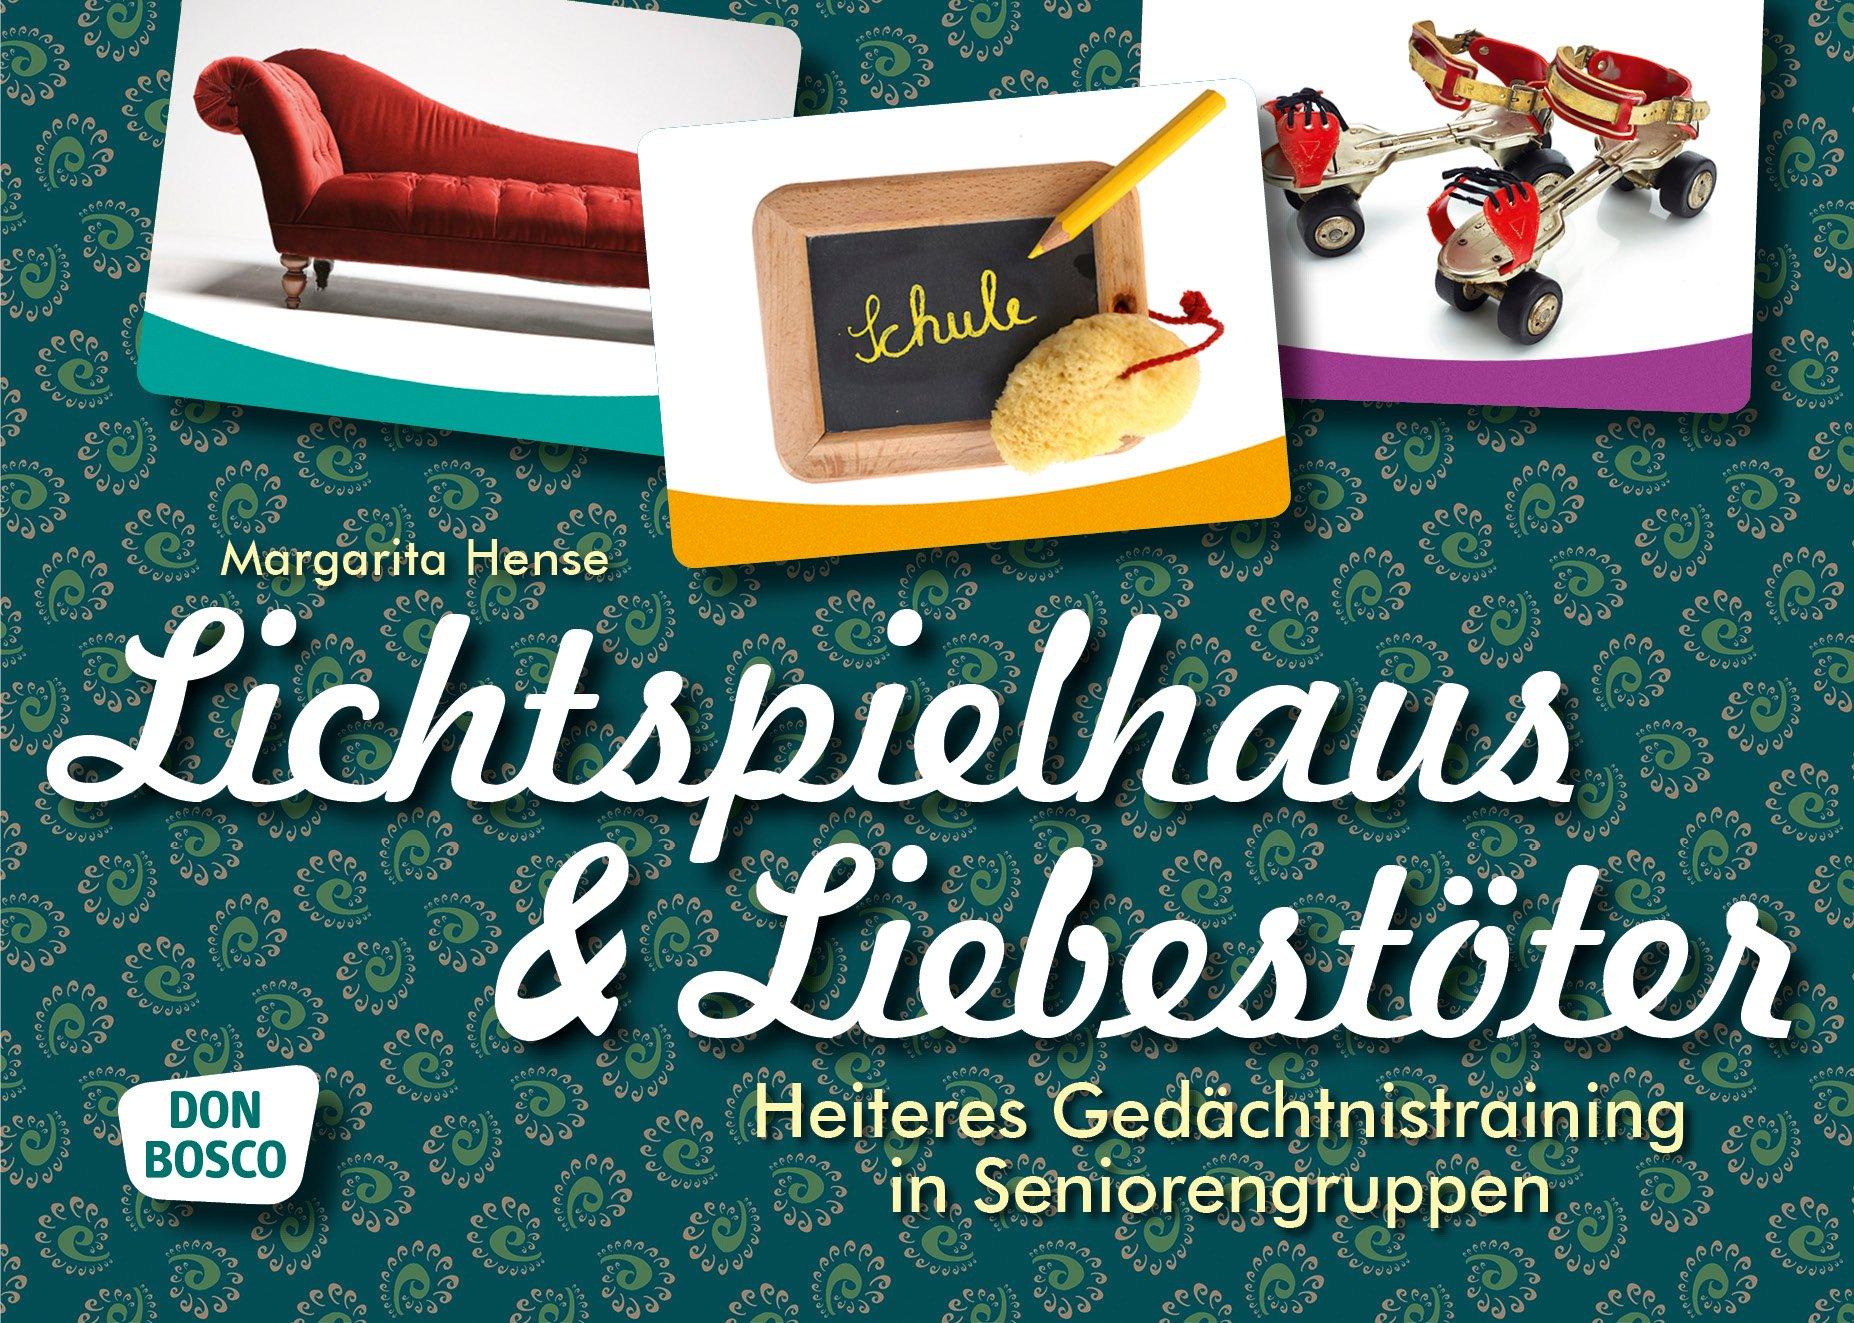 Lichtspielhaus & Liebestöter: Heiteres Gedächtnistraining in Seniorengruppen